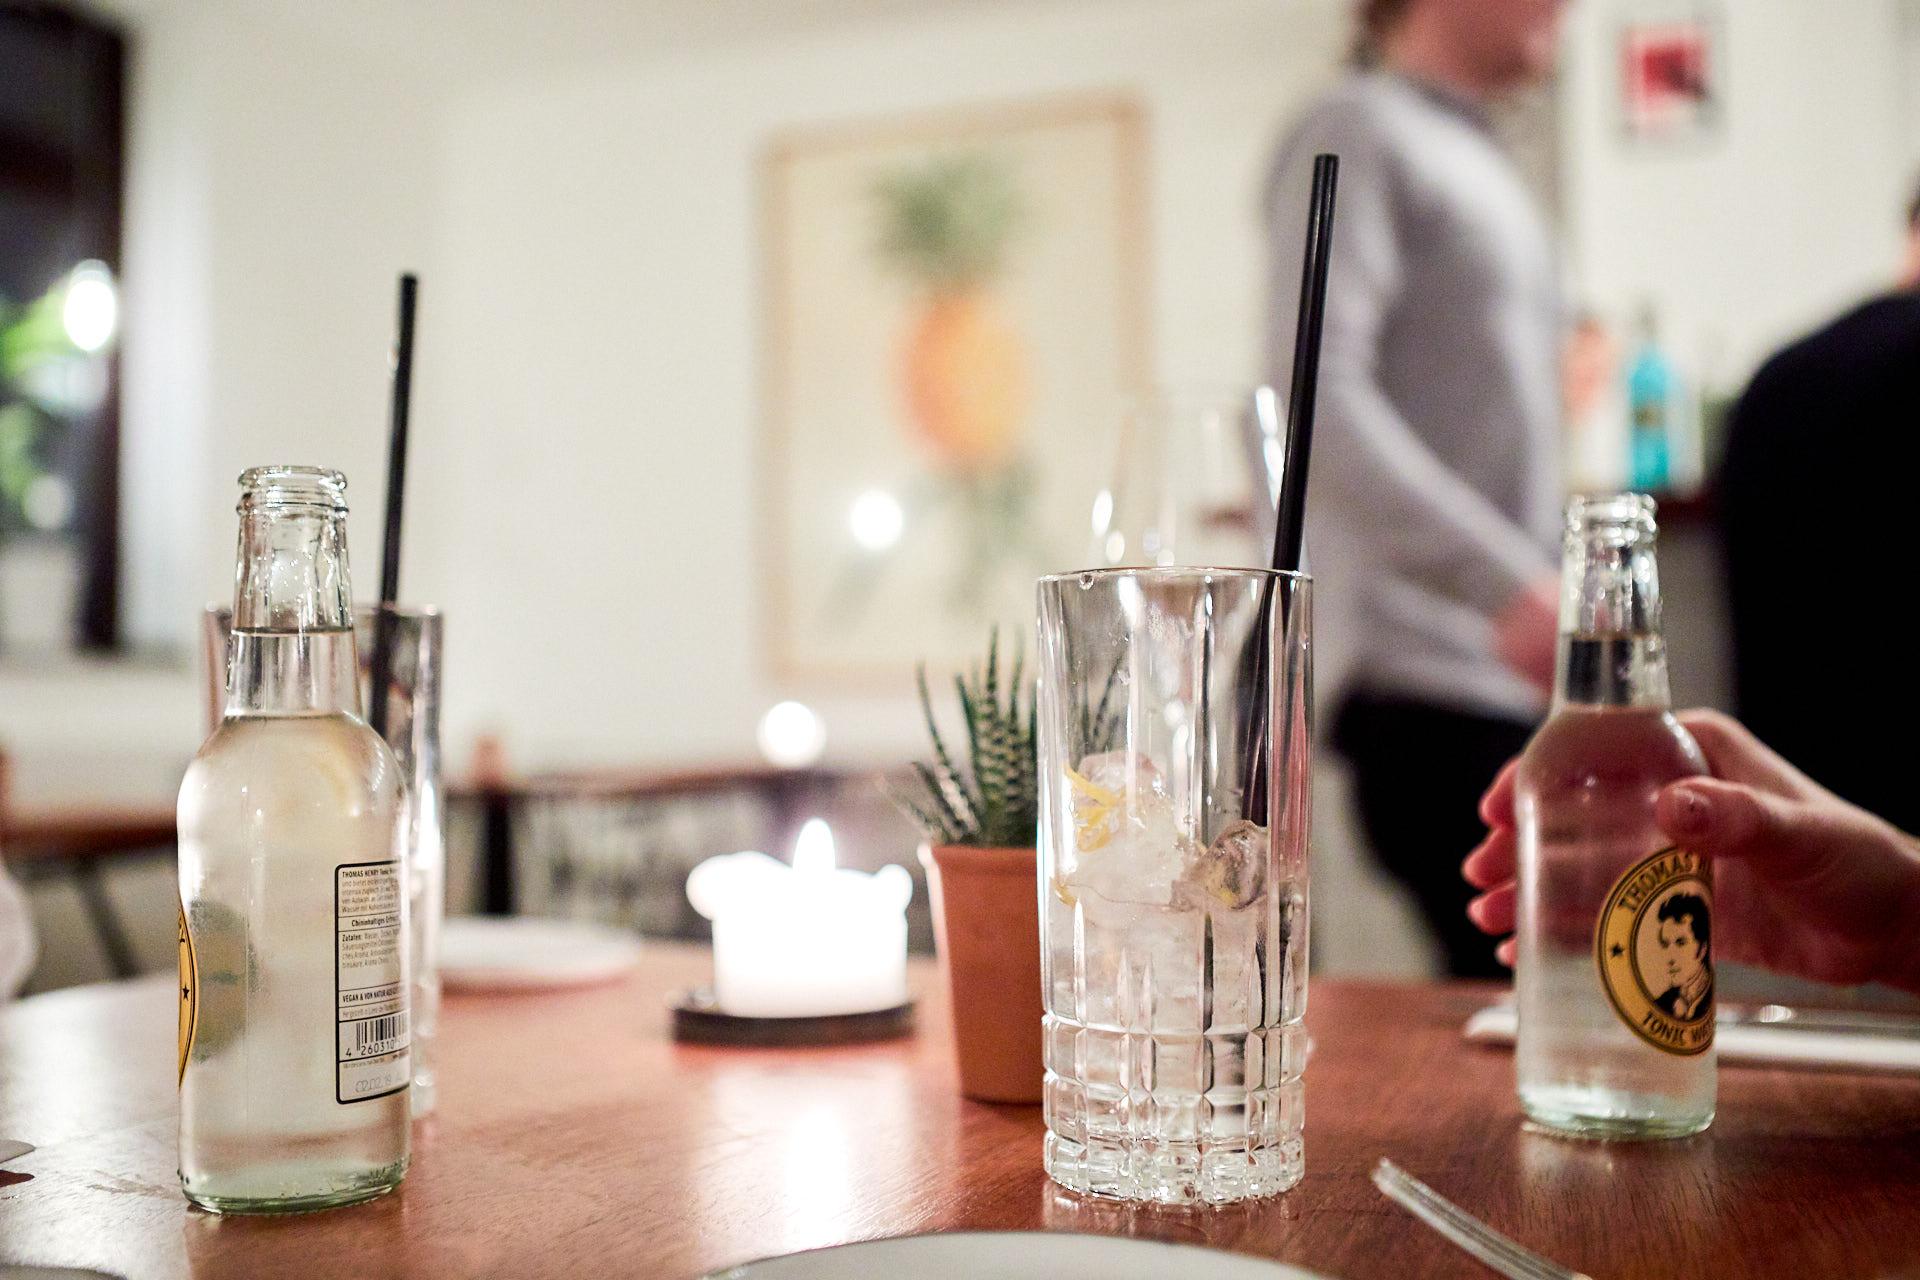 restaurants_sonder_wearecity_koeln_joern_strojny057.jpg